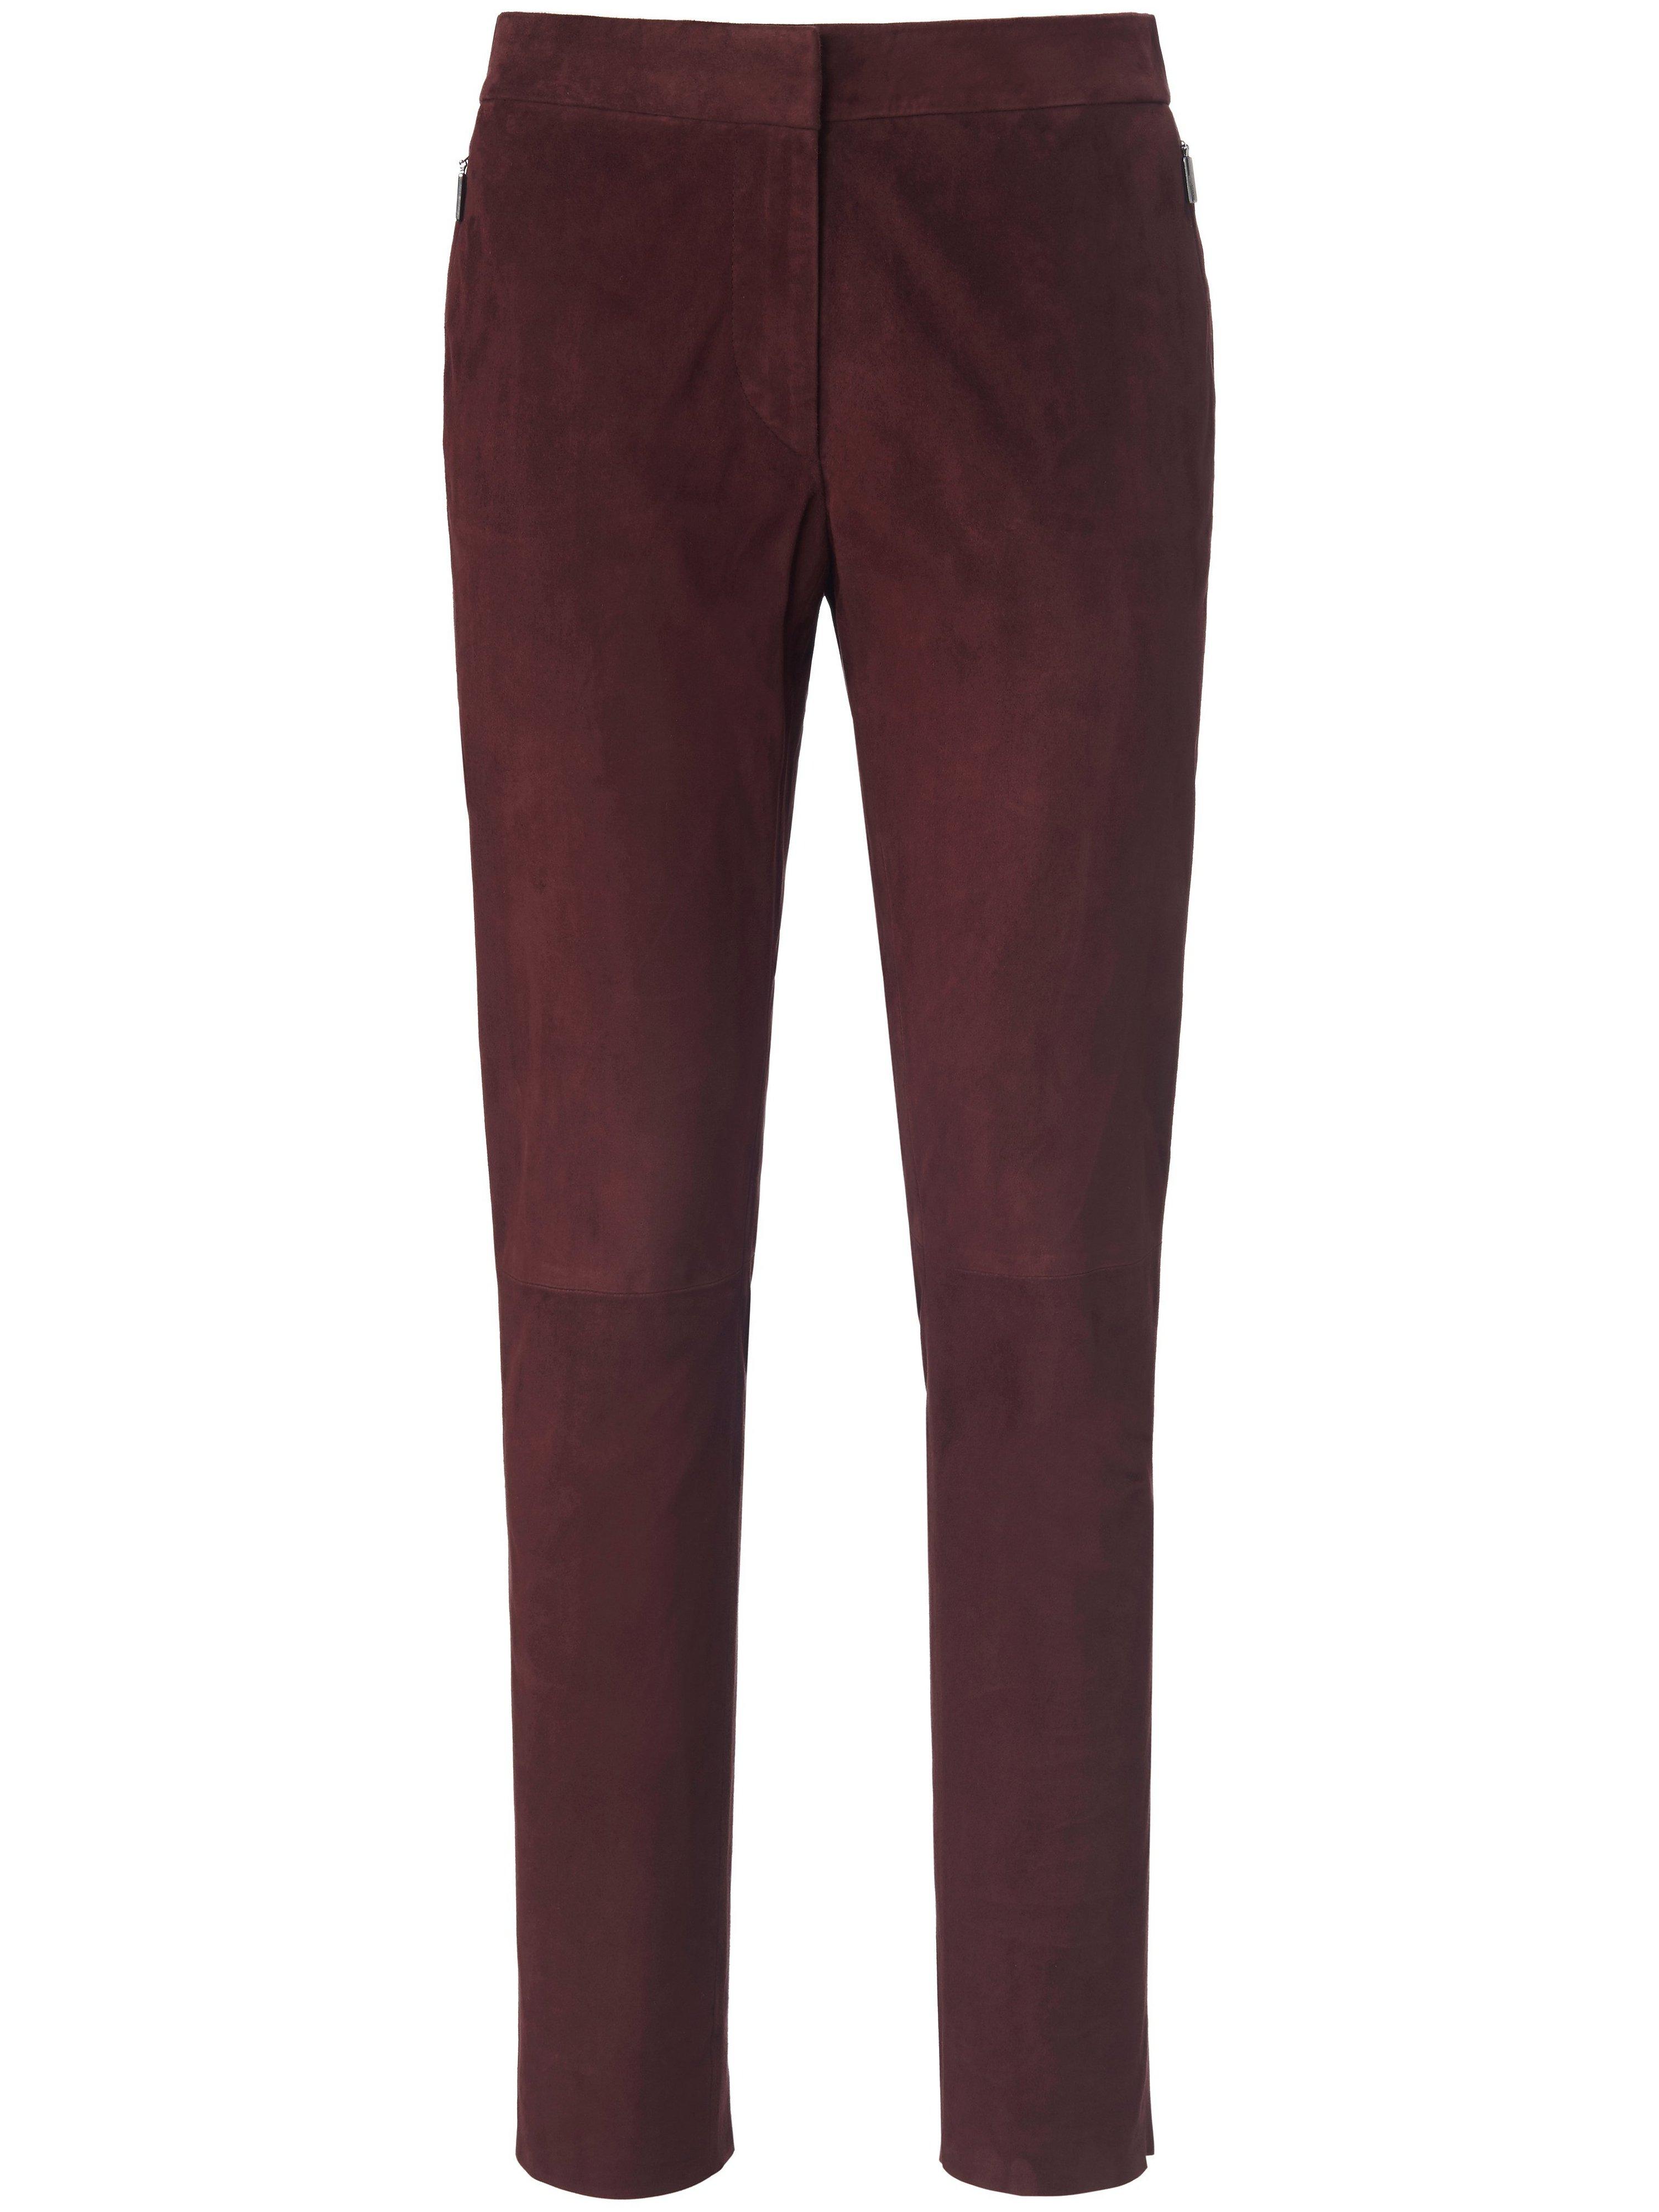 Leren broek in smal model geitensuèdeleer Van Fadenmeister Berlin rood